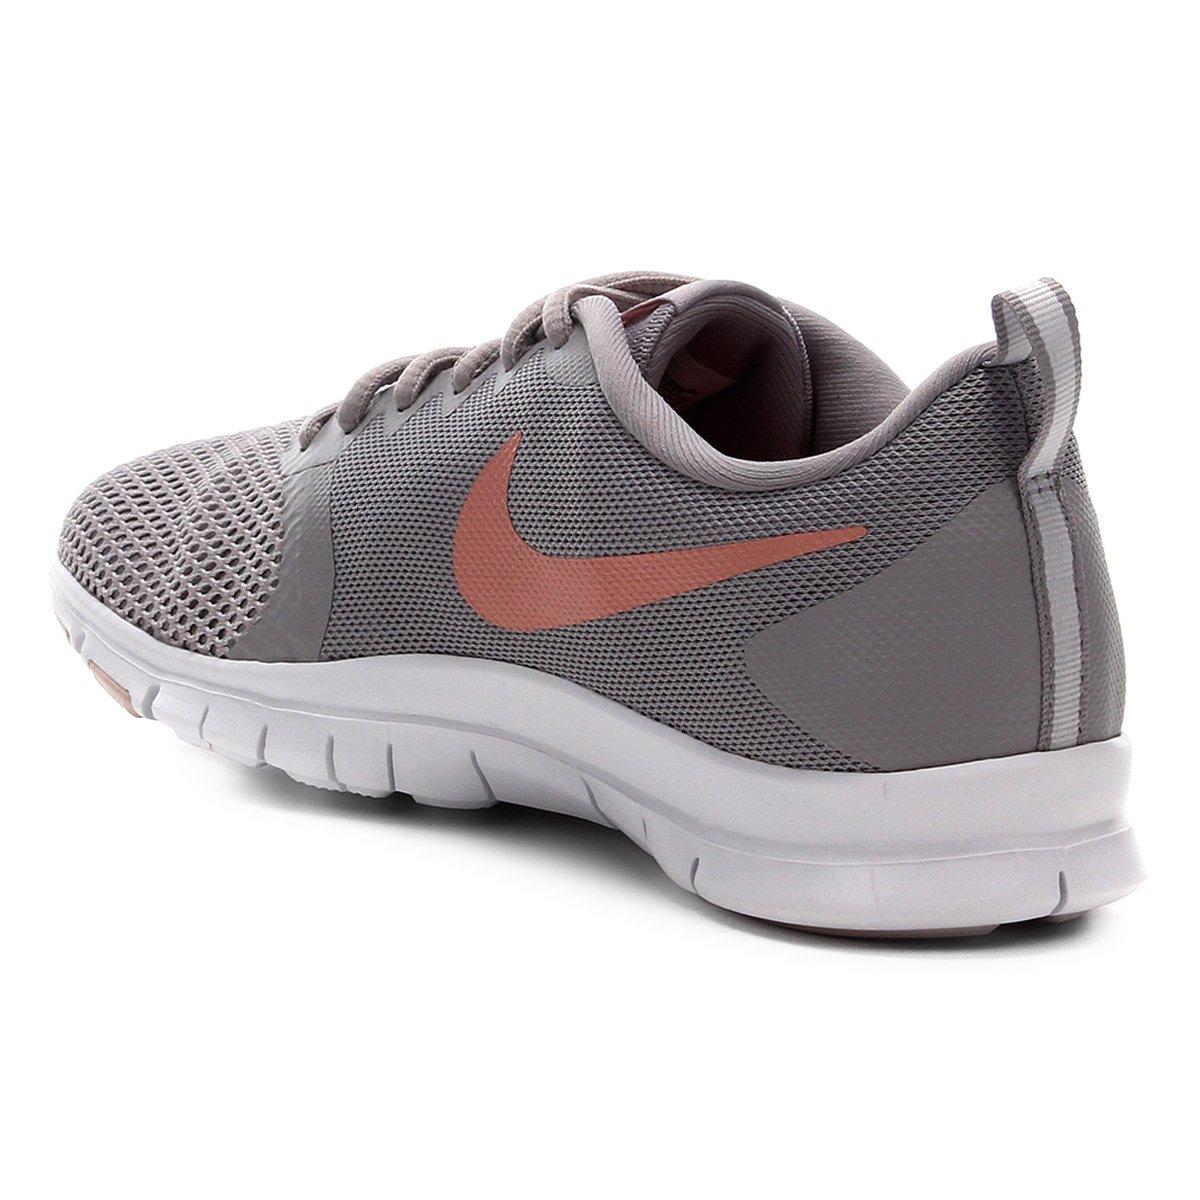 Tênis Nike Flex Essential Tr Feminino Tam 36 Shopping